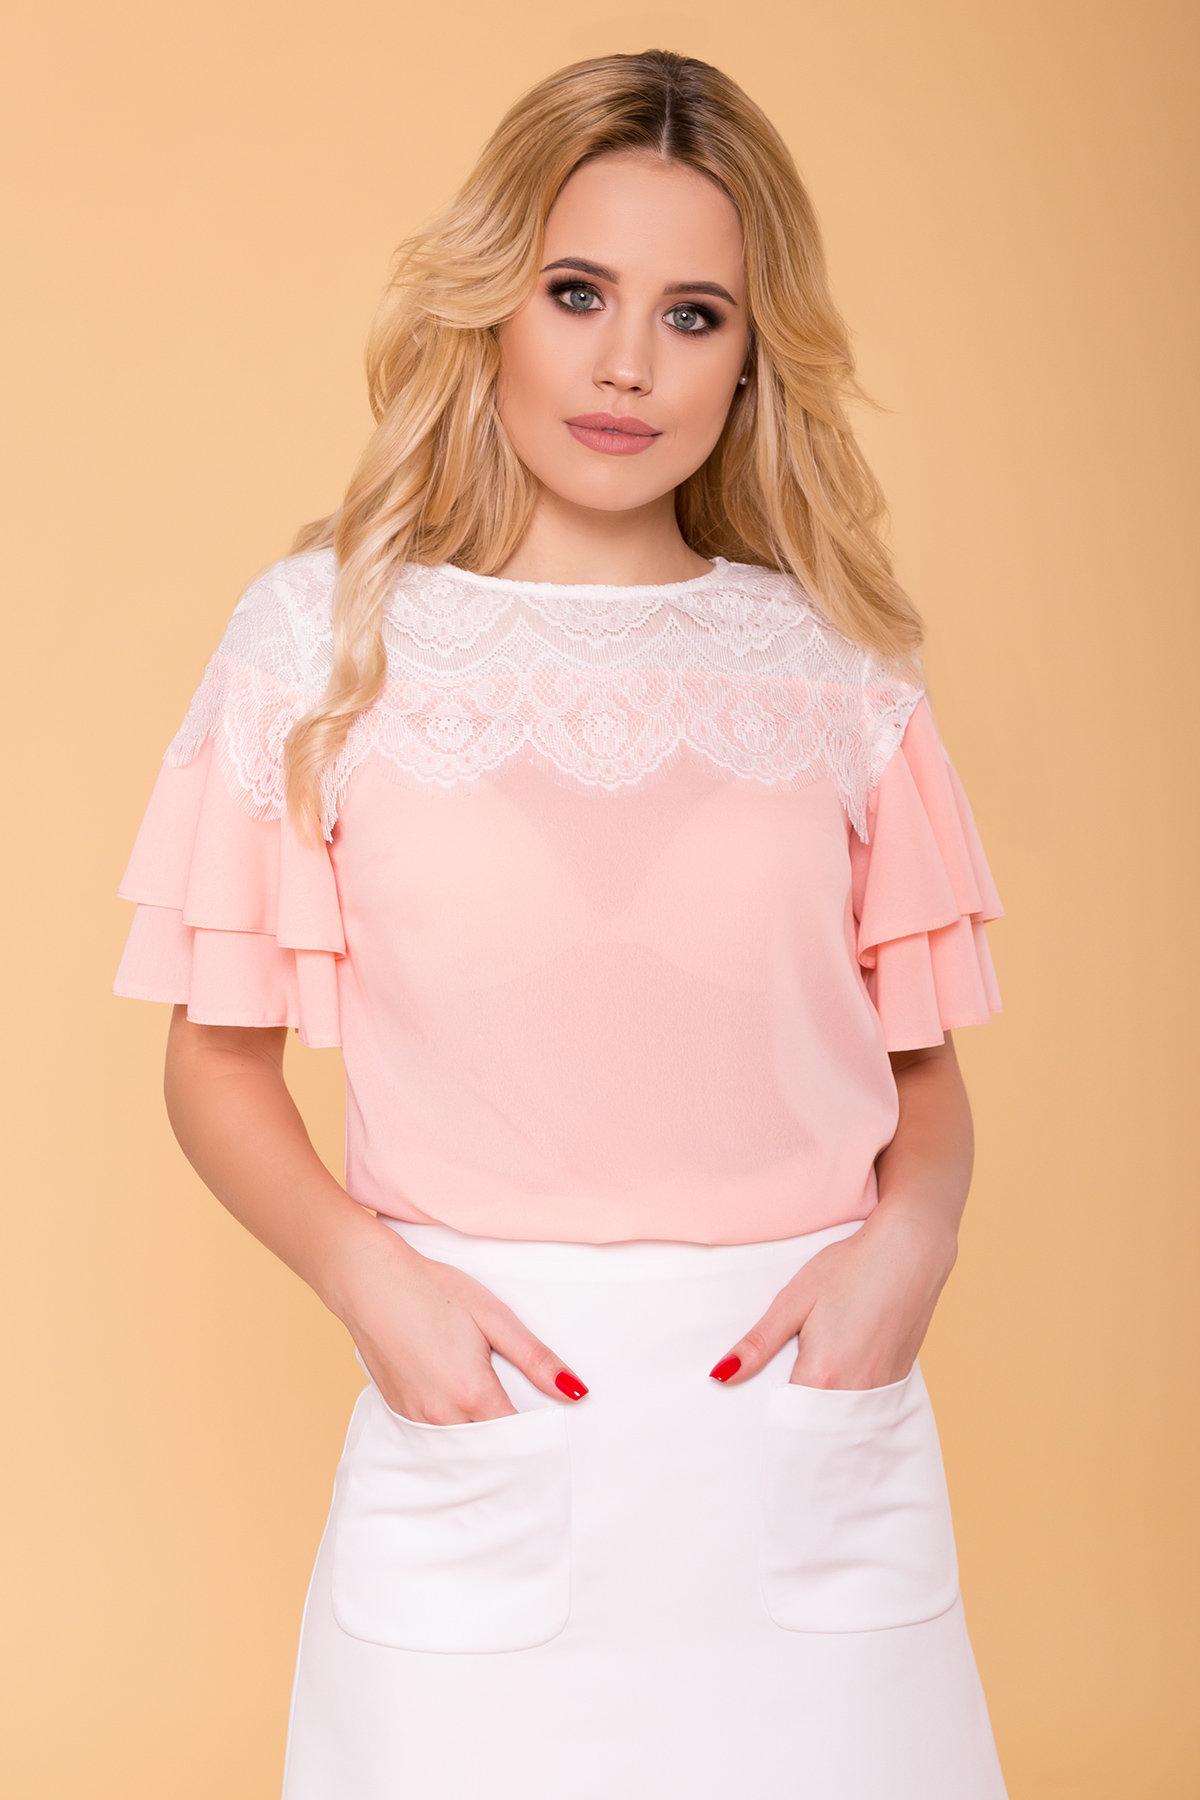 Блуза Ирис 4835 АРТ. 34575 Цвет: Пудра - фото 3, интернет магазин tm-modus.ru